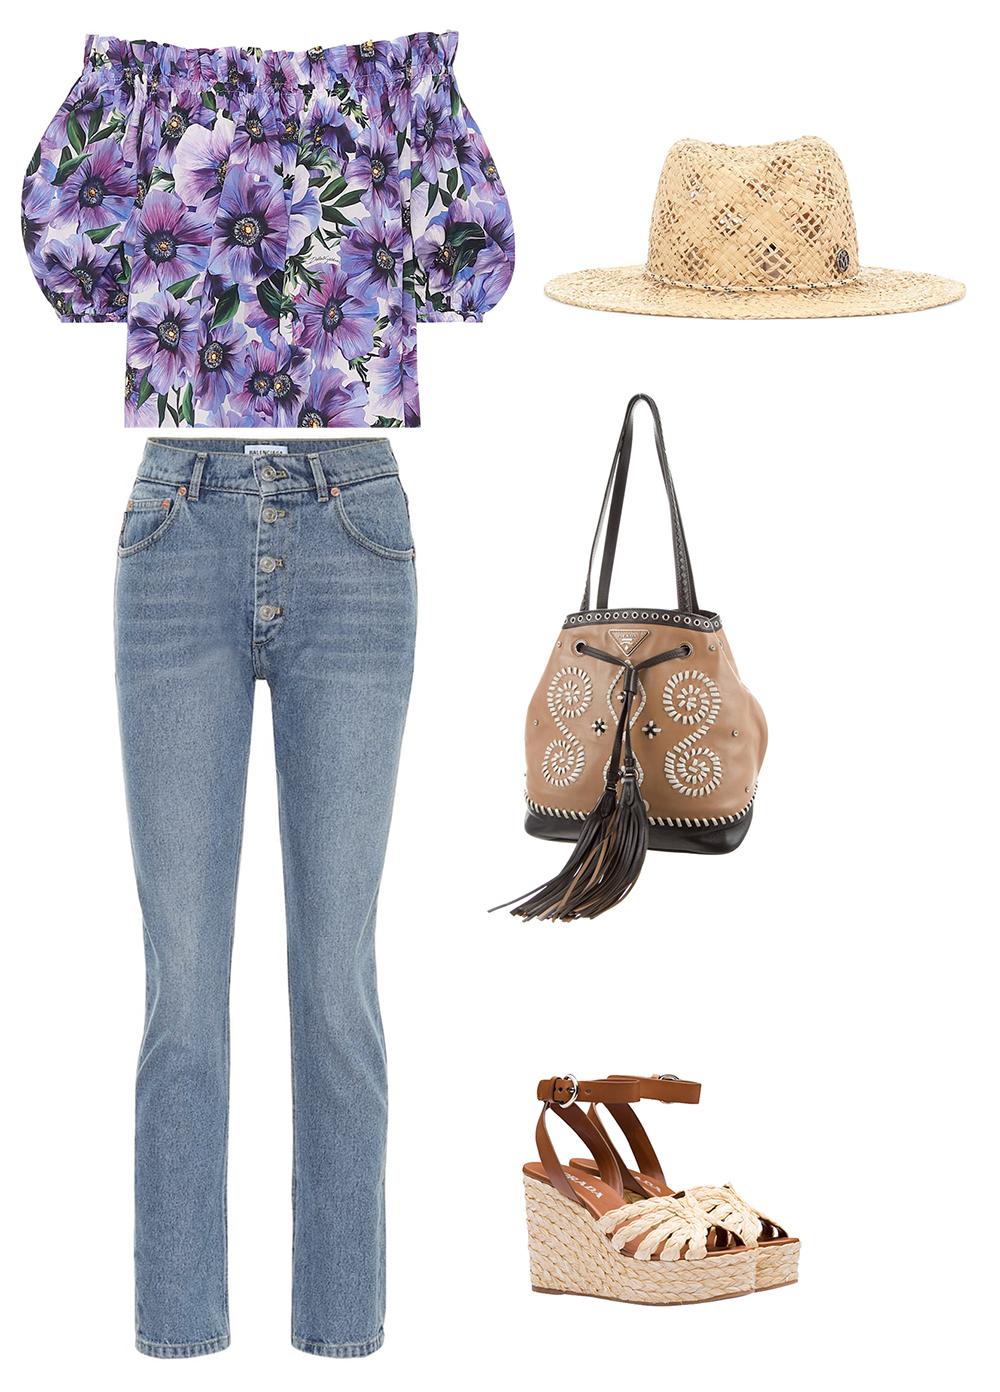 Dolce & Gabbana tiếp tục lăng xê họa tiết hoa qua thiết kế trễ vai màu tím. Áo hợp với quần jeans cạp cao Balenciaga. Nếu thích phong cách bohemian, các cô gái có thể mix với túi xách Prada da bê (22 triệu đồng), dép đế xuồng cùng thương hiệu (gần 17 triệu đồng), tạo điểm nhấn với mũ sợi cọ raffia của Maison Michel.